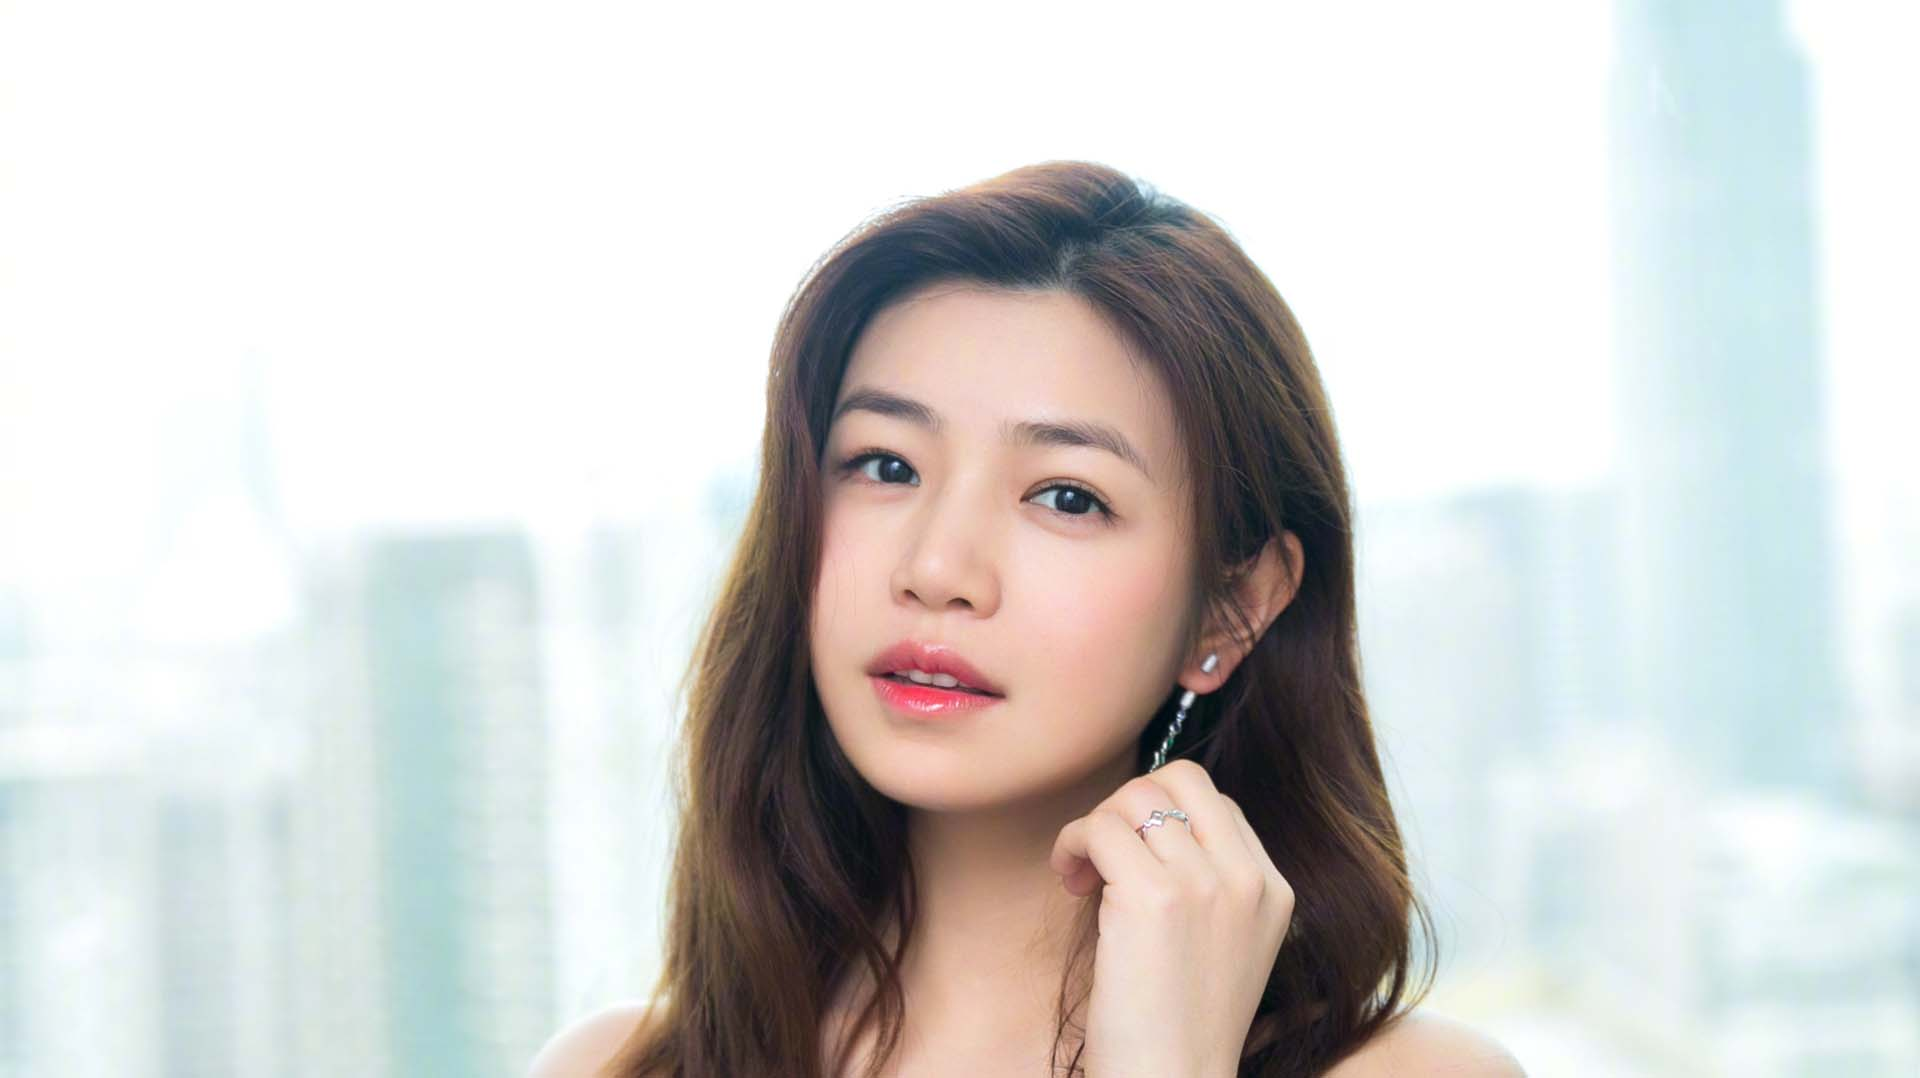 """陈晓陈妍希的恩爱日子被赵丽颖打破?他俩的婚姻""""被""""第三者插足了吗?"""